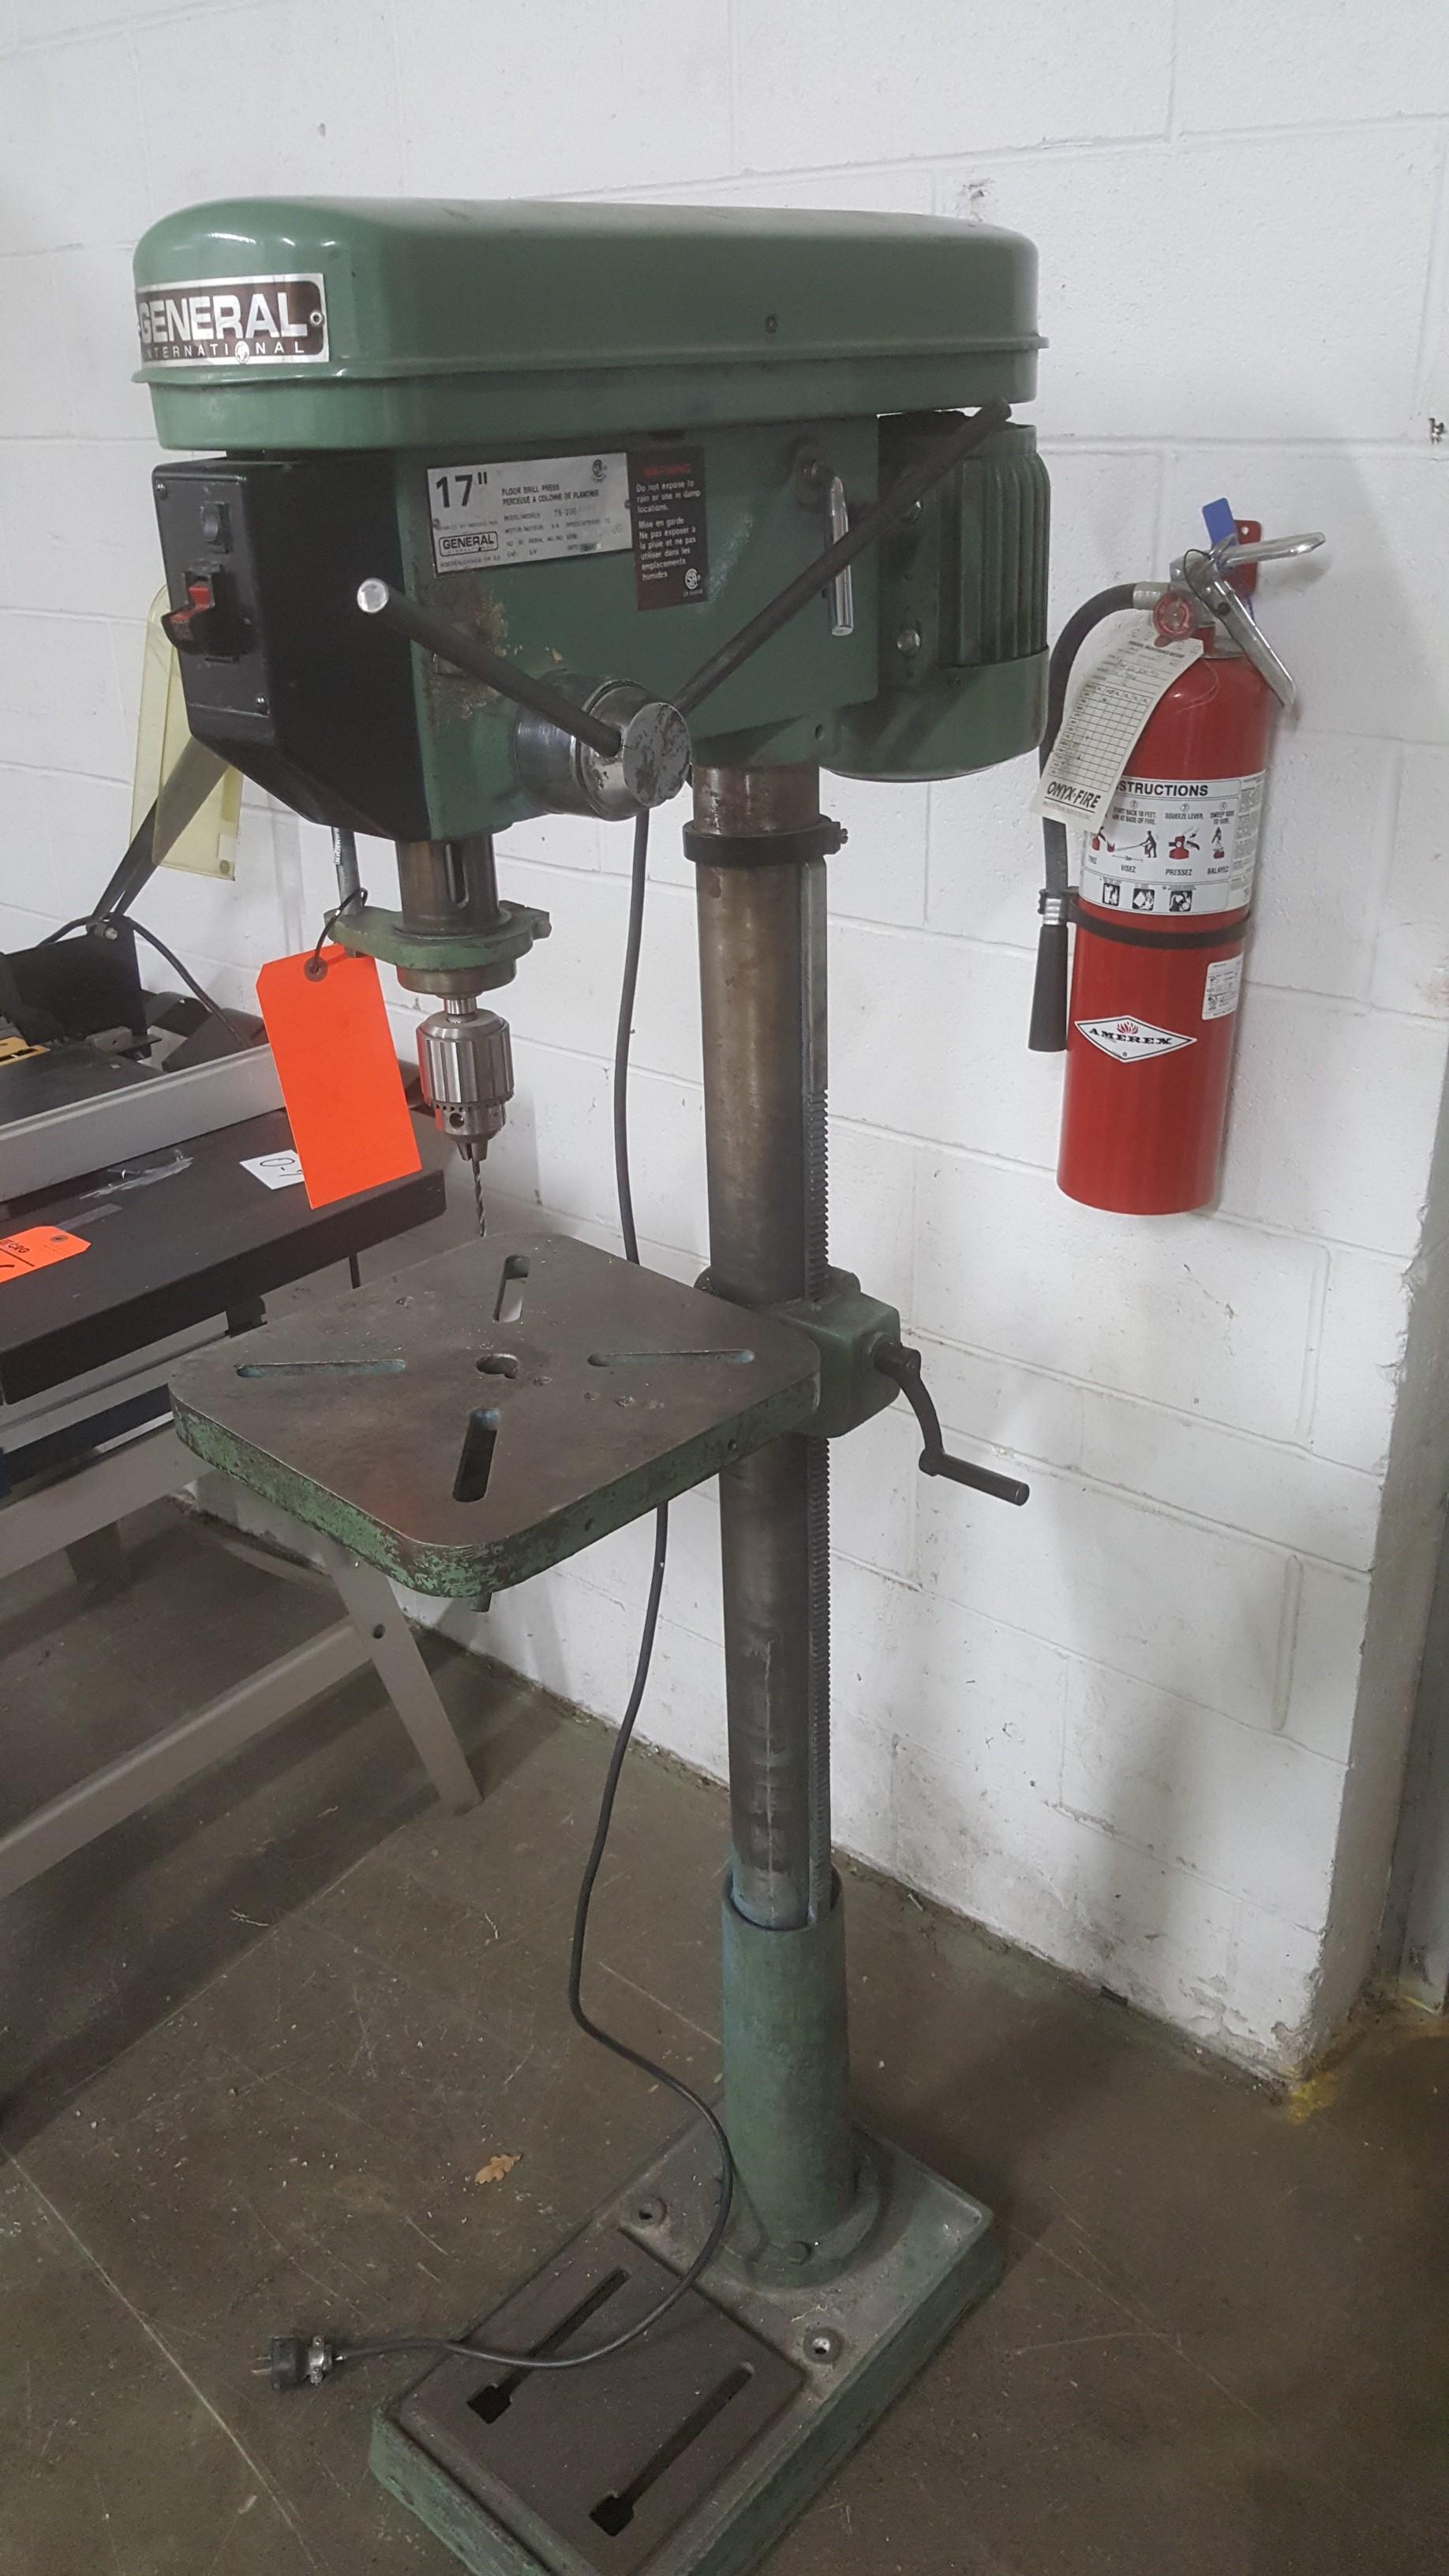 """Lot 136 - GENERAL INTERNATIONAL 17"""" floor drill press"""